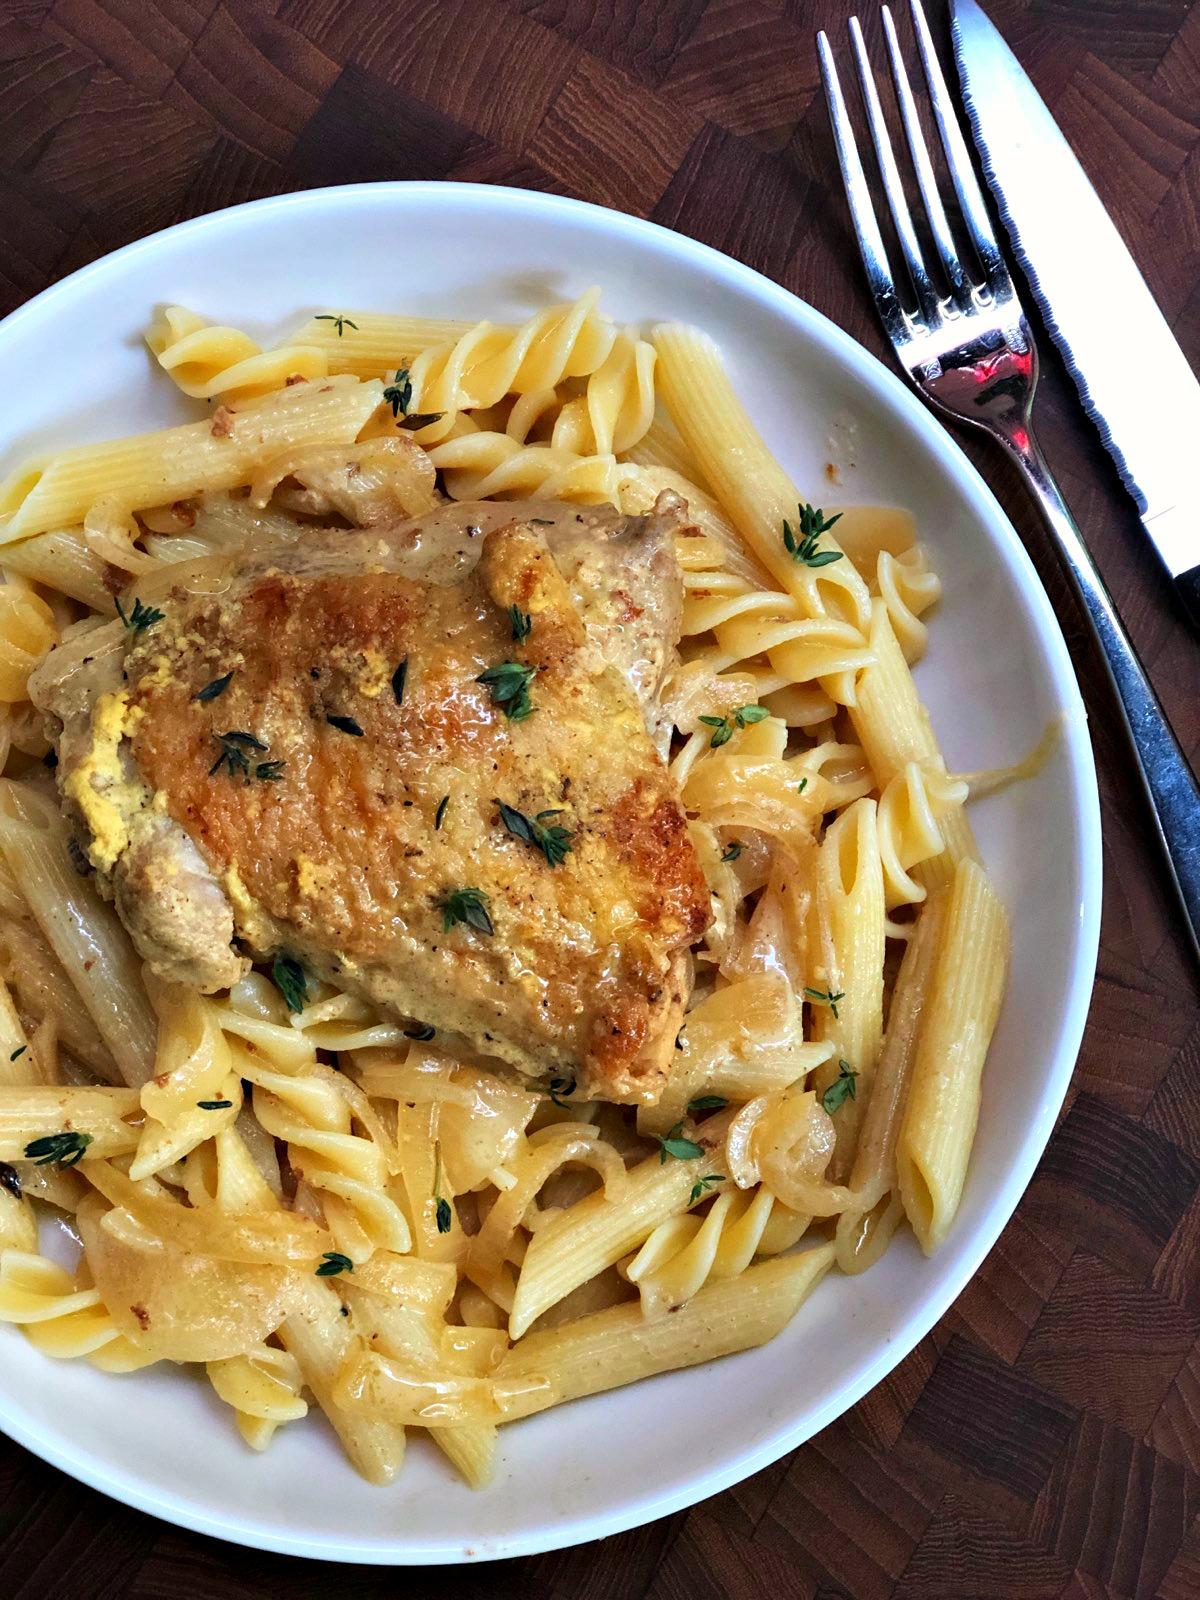 Poulet a la Moutarde (Chicken in Dijon Mustard Sauce)